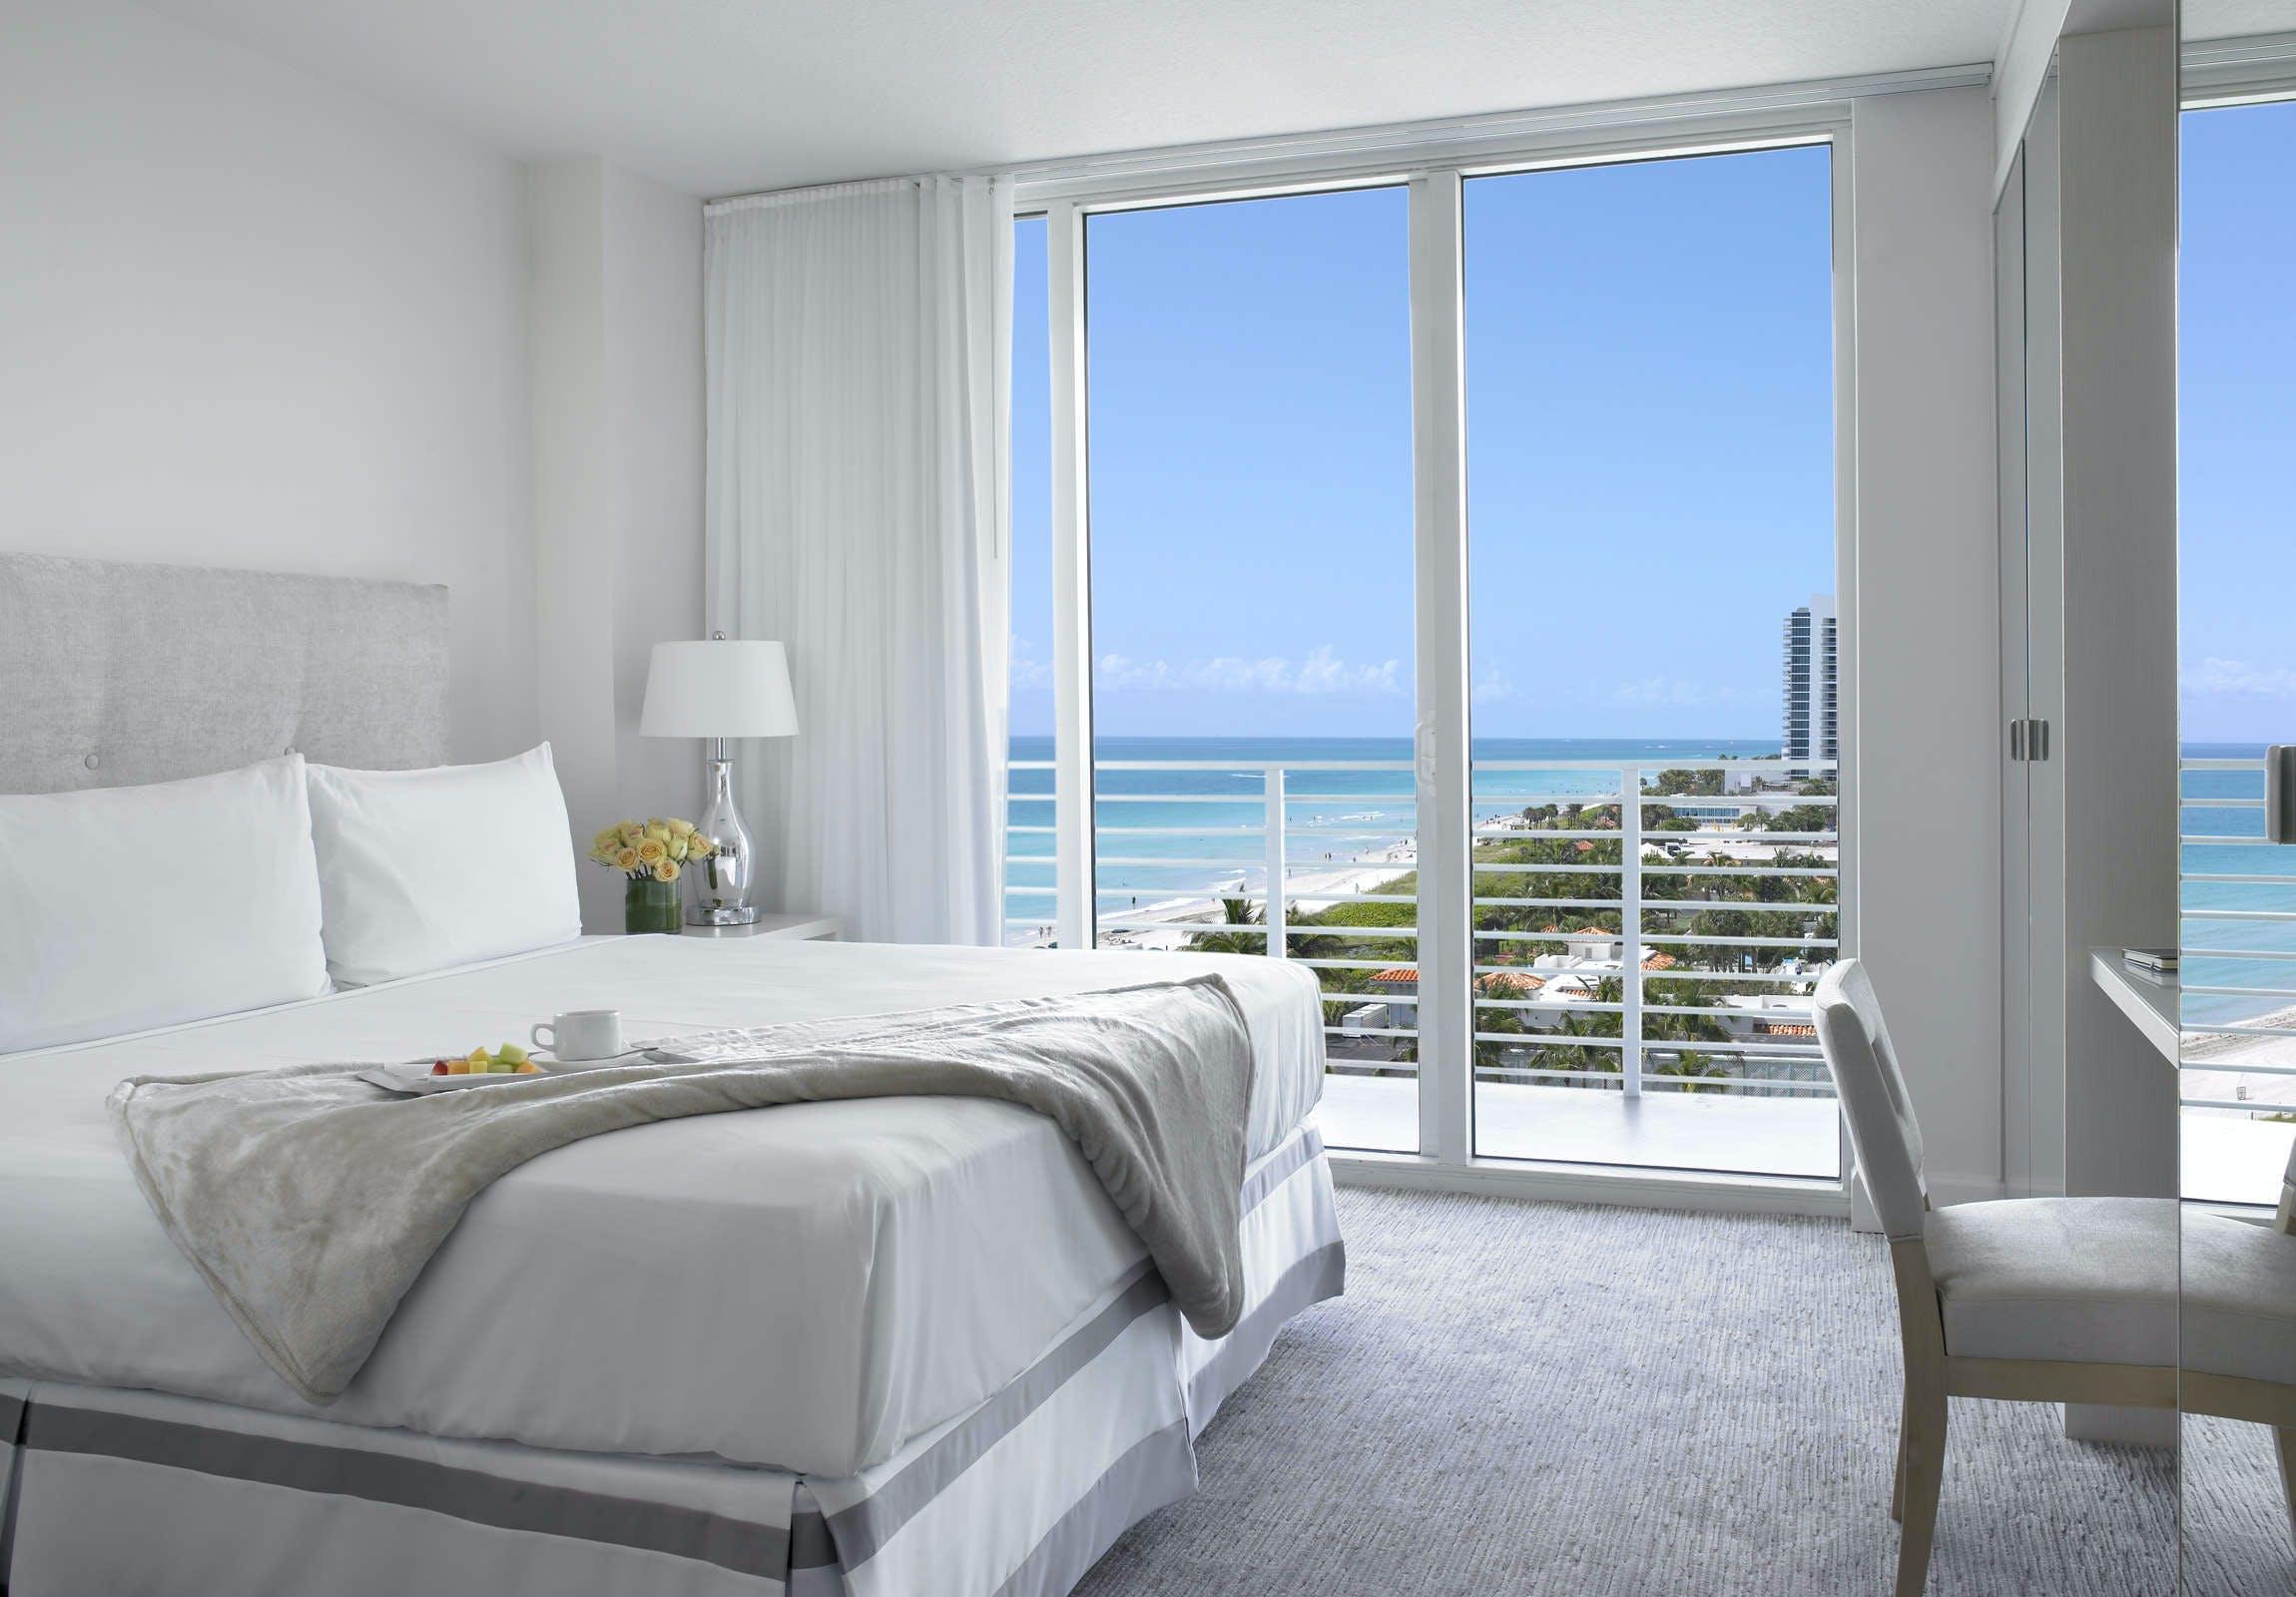 Grand Beach Hotel Miami